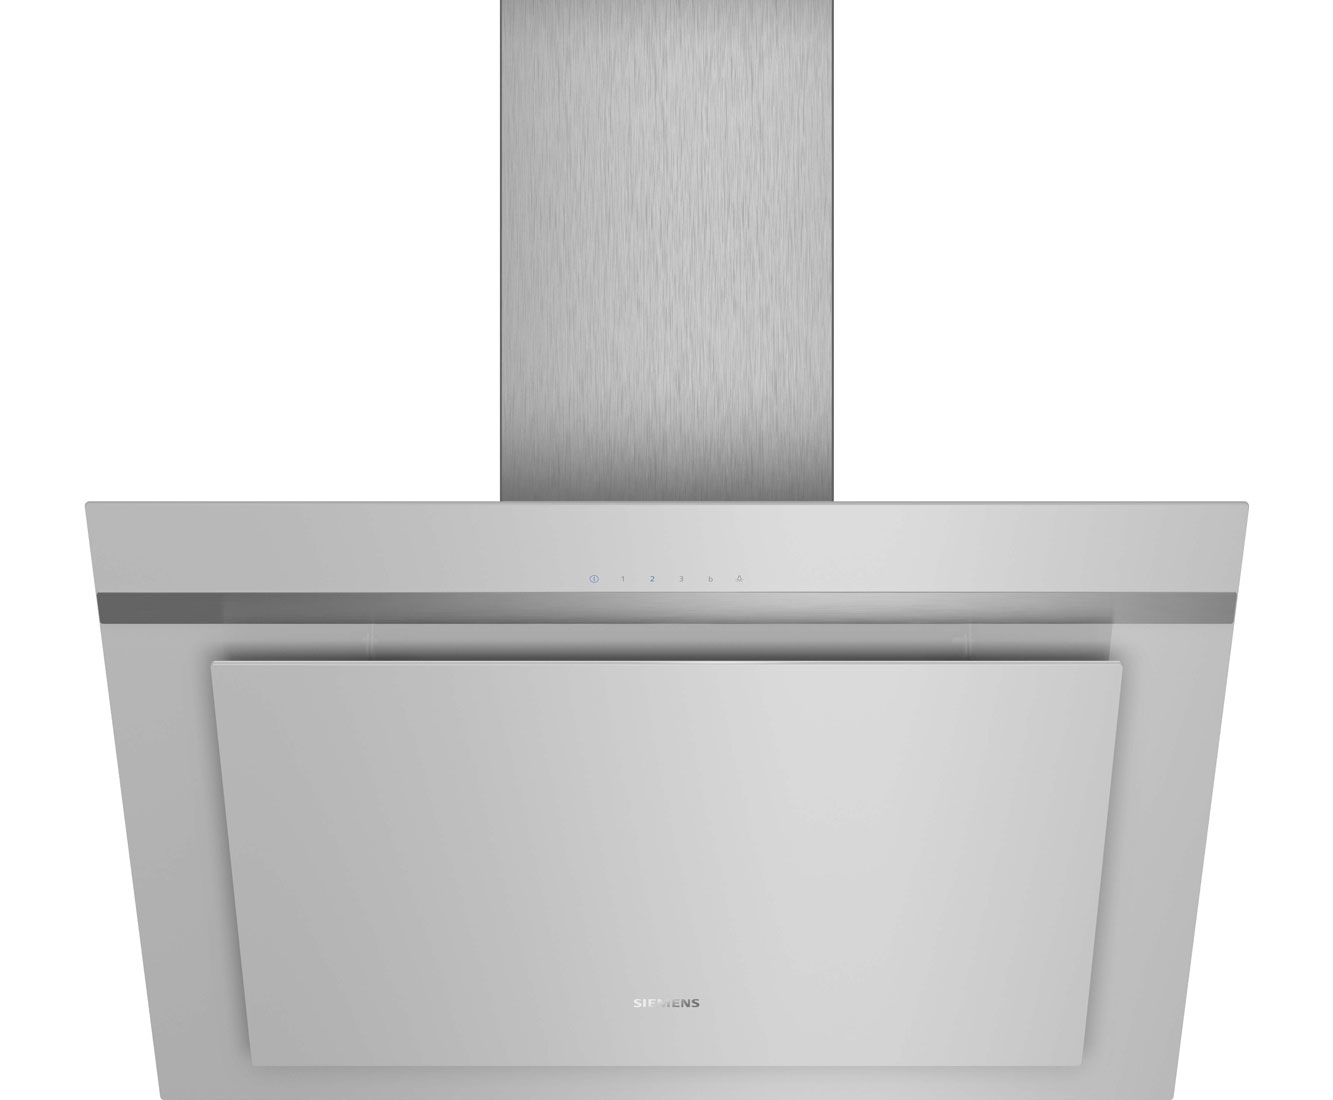 Elektrogeräte küche saturn haus and garten haushaltsartikel in